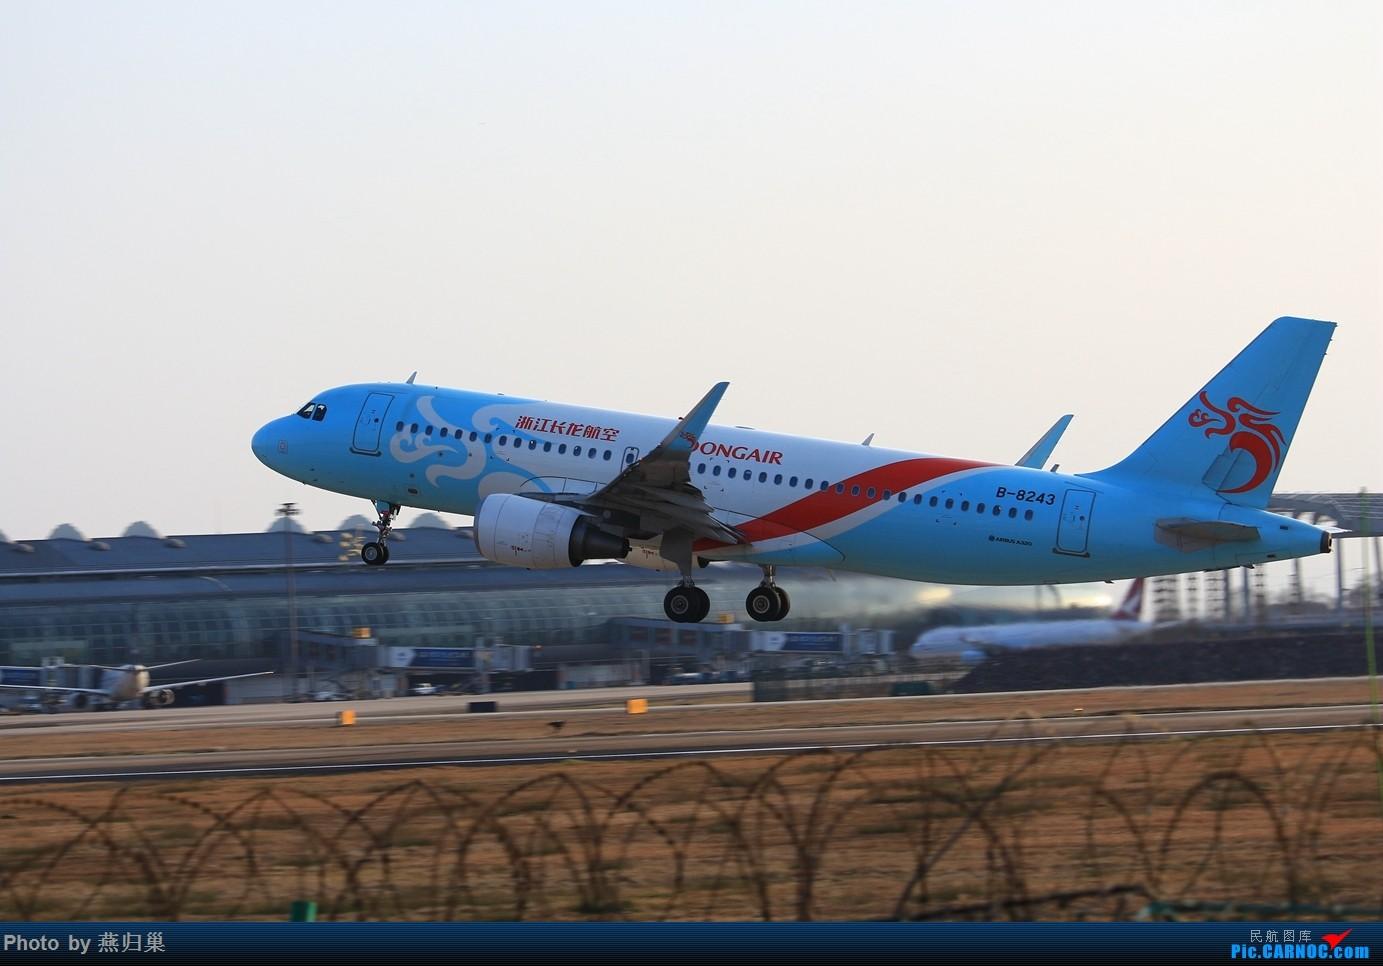 [原创]【宁波飞友会】年前NGB拍机合集 AIRBUS A320-200 B-8243 中国宁波栎社国际机场